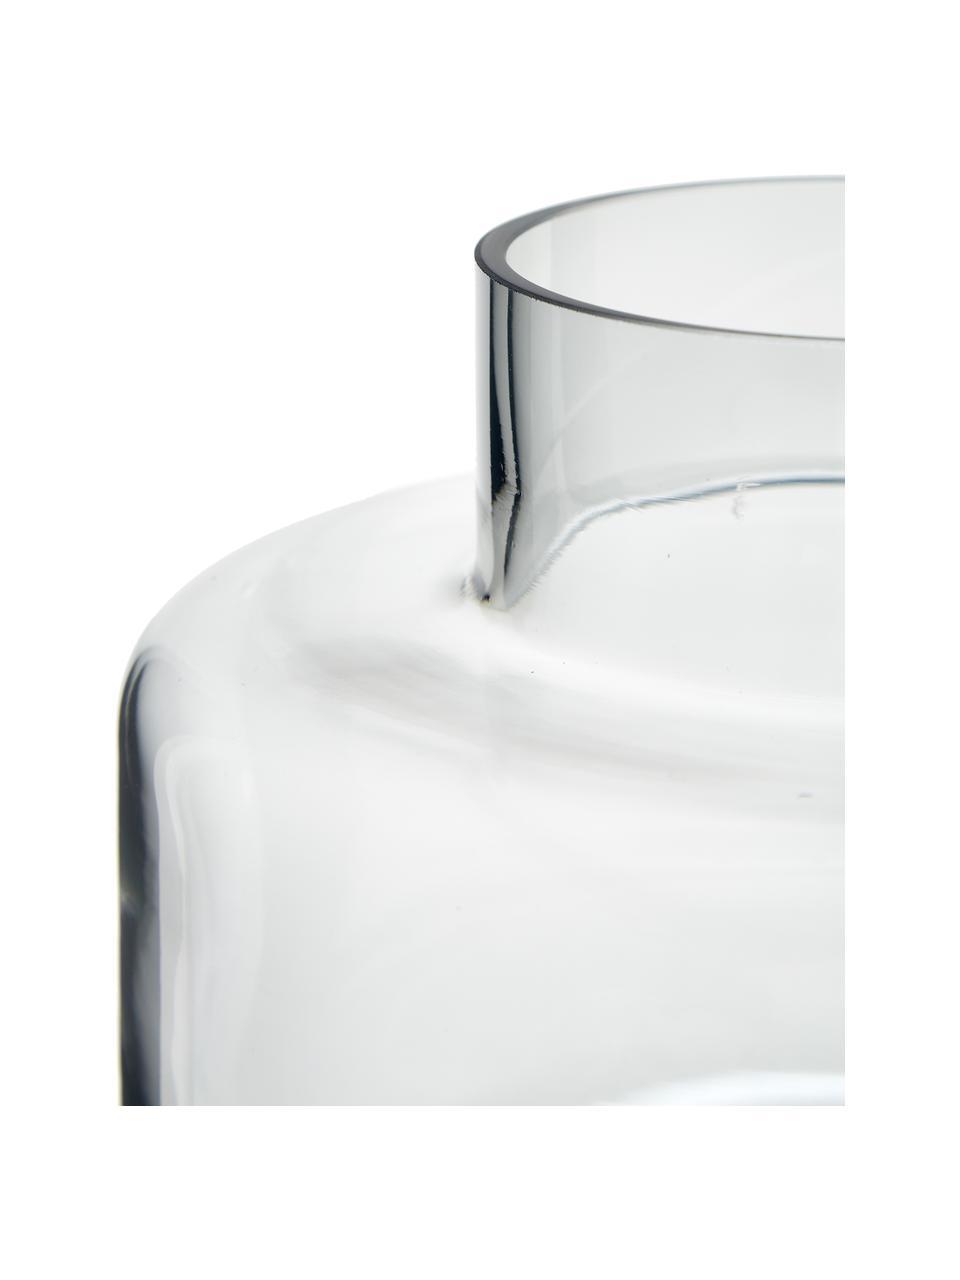 Jarrón de vidrio soplado Hedria, pequeño, Vidrio, Gris oscuro, Ø 18 x Al 16 cm